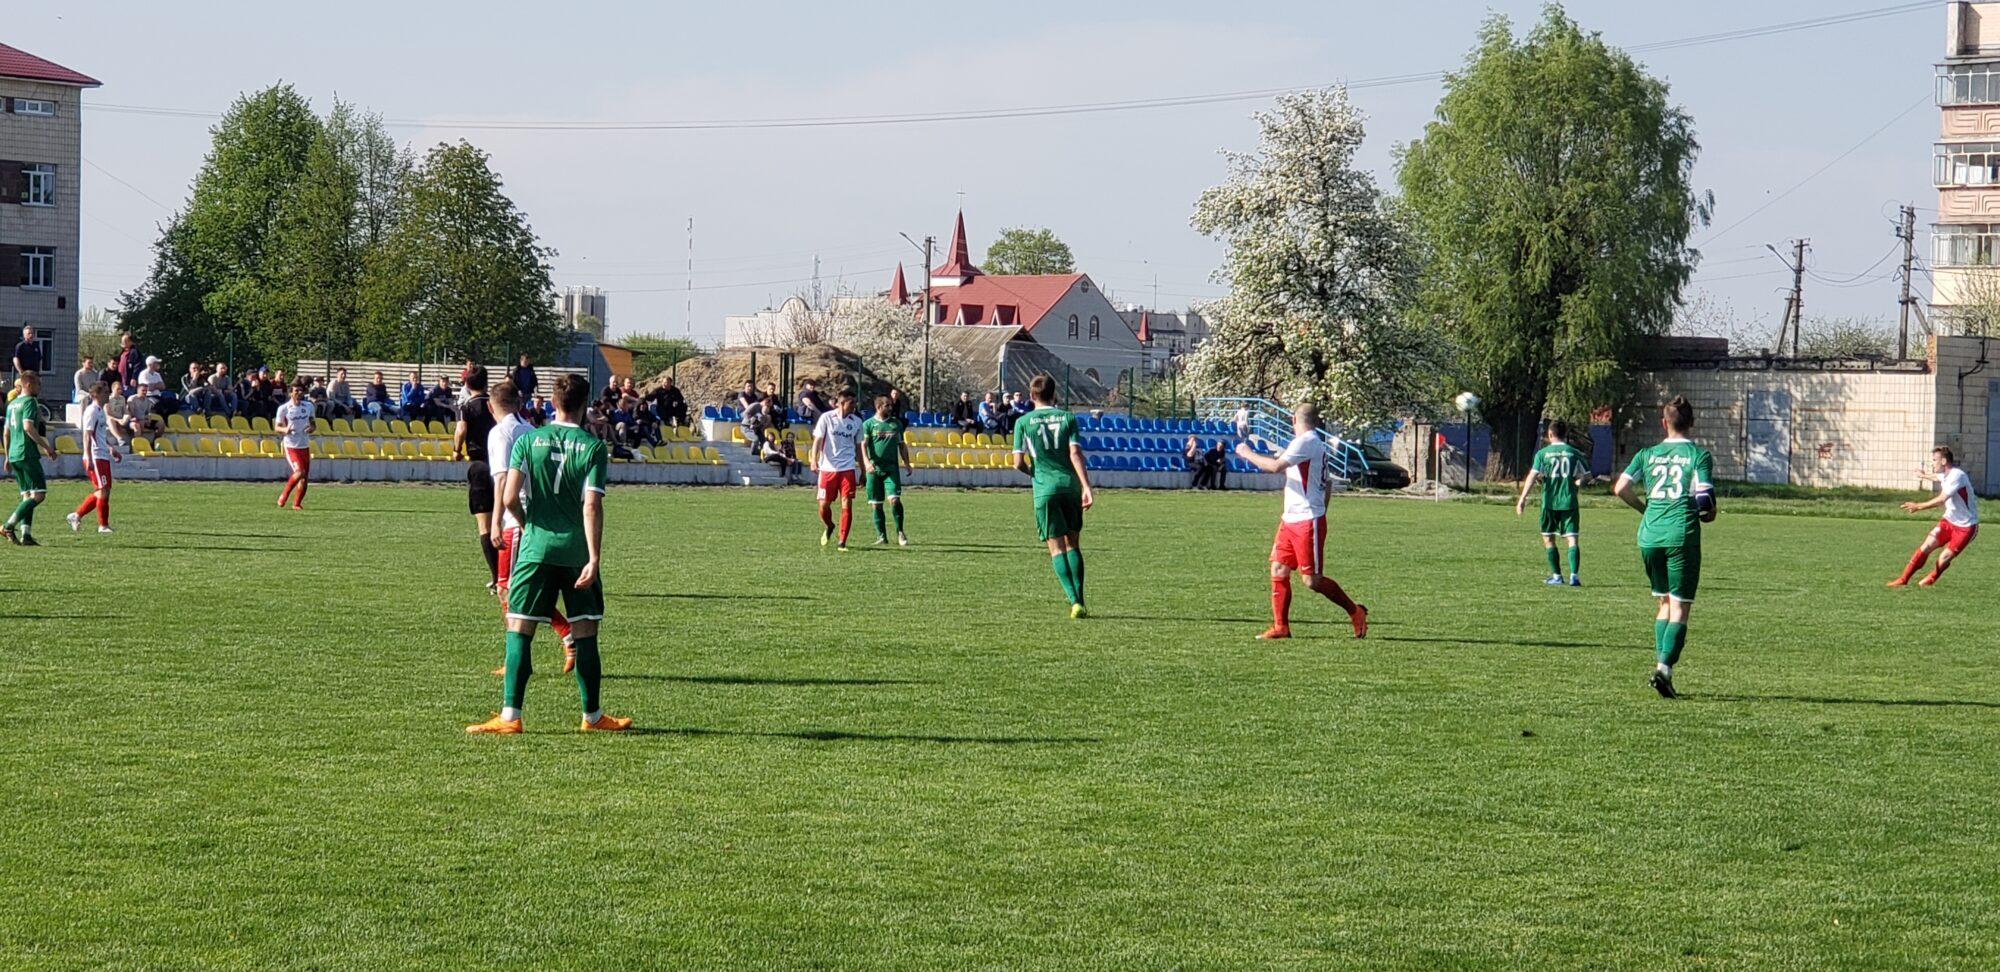 Результати 8 туру чемпіонату Київщини з футболу